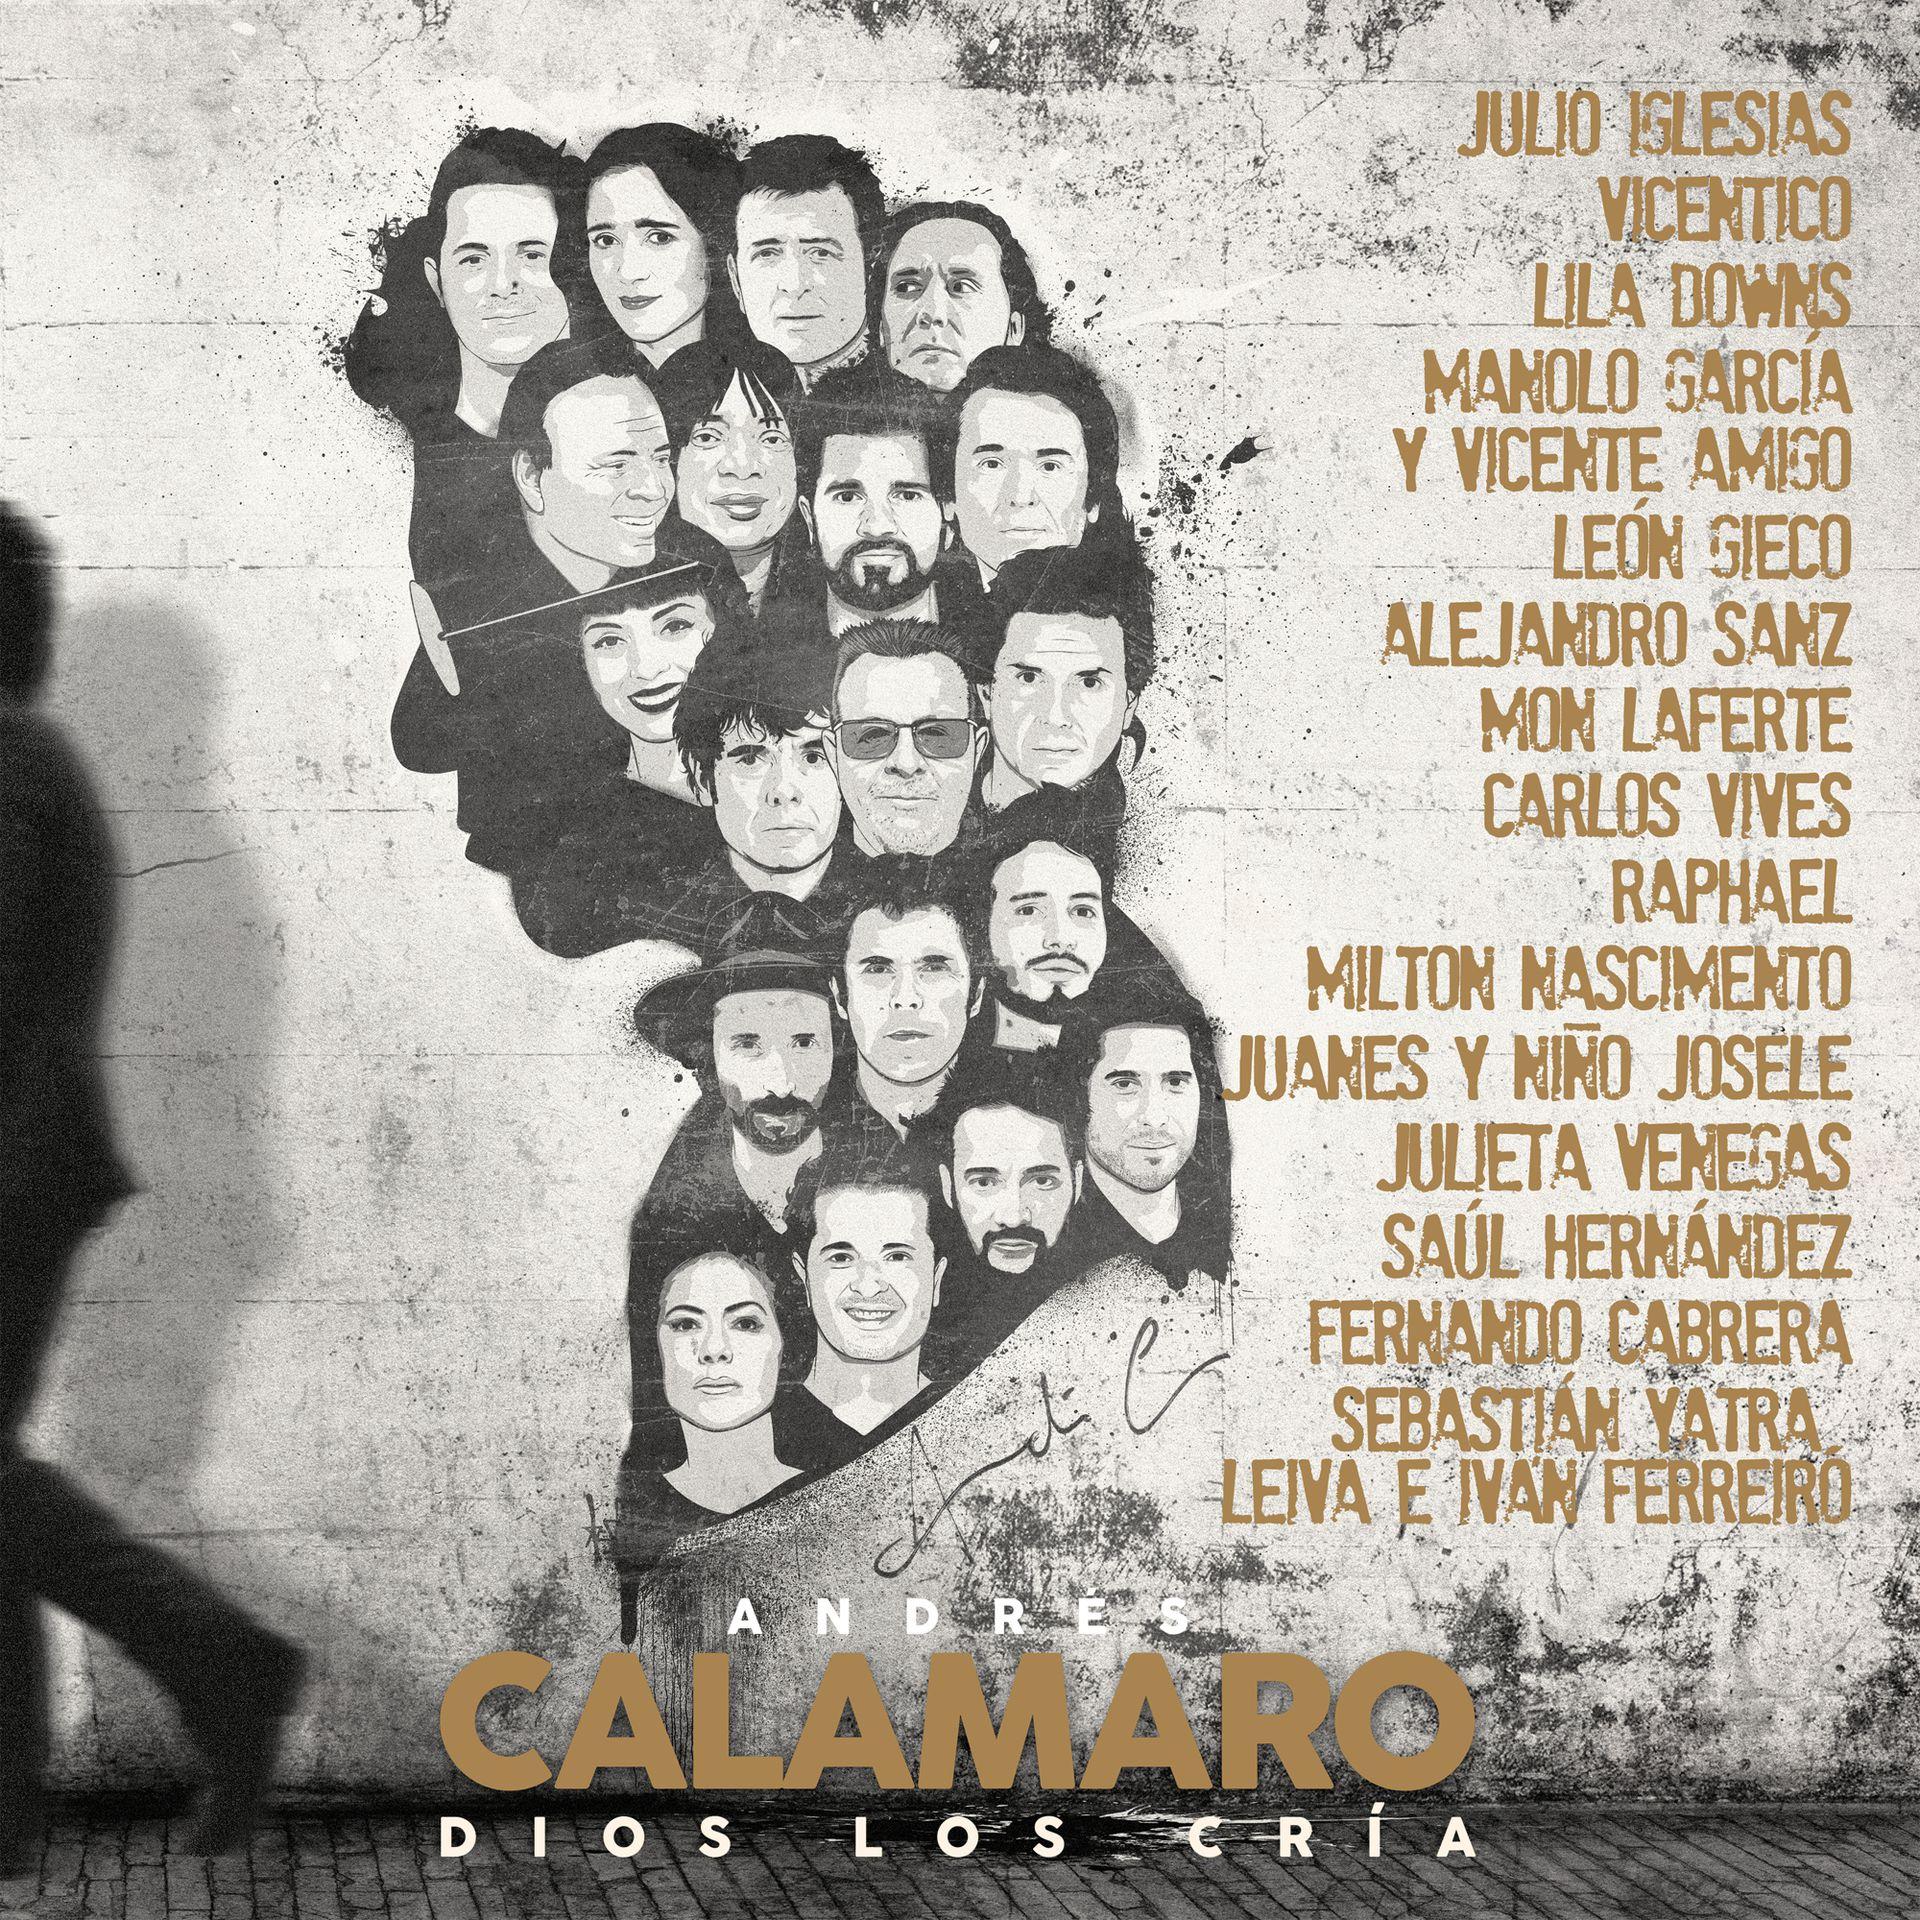 La tapa del nuevo disco de Andrés Calamaro, Dios los cría